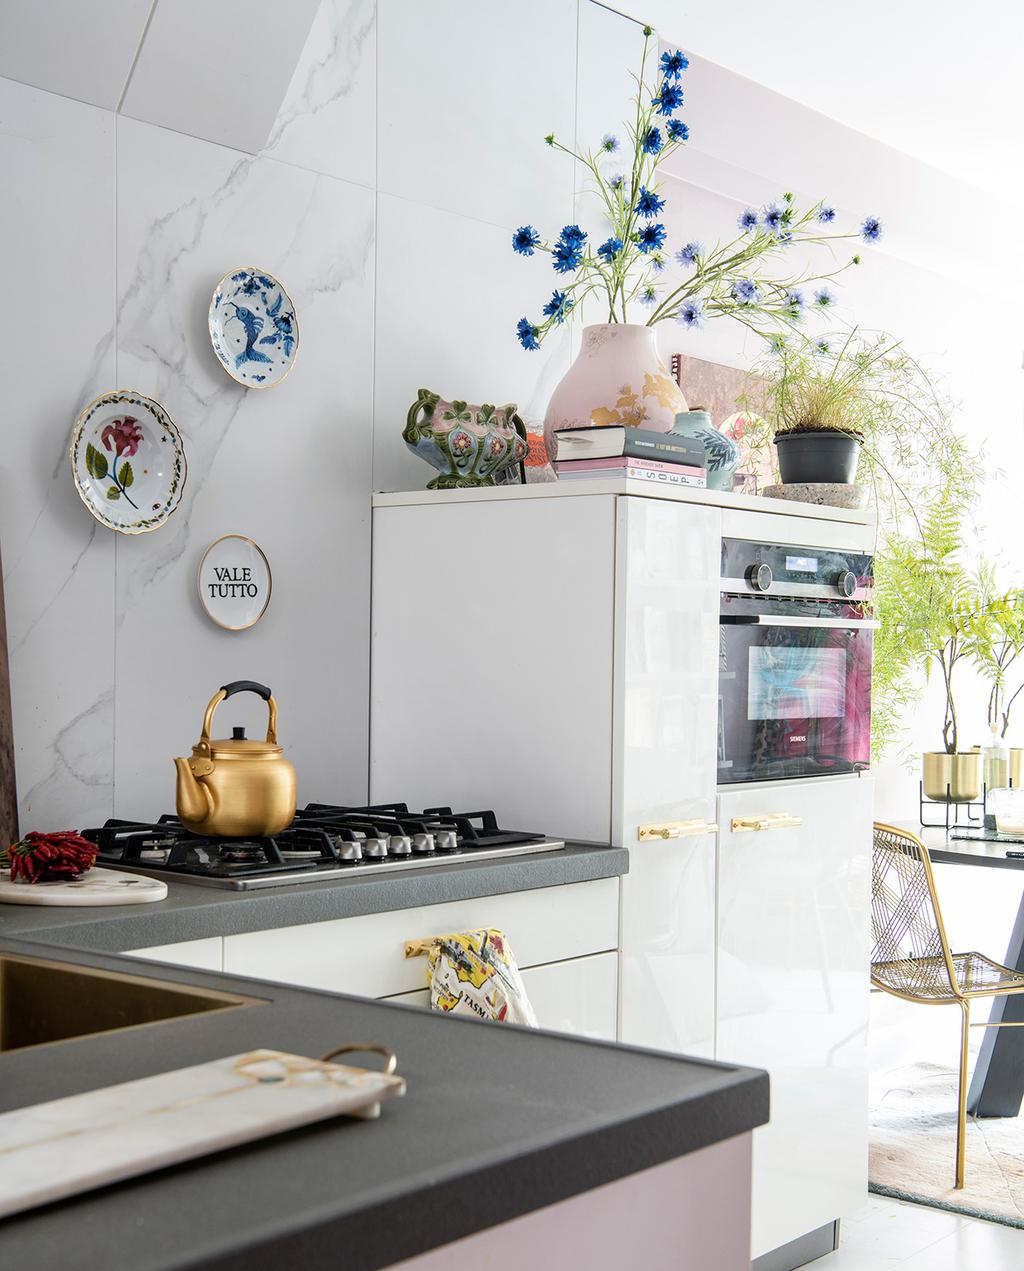 vtwonen 06-2021 | keuken met een vleugje marmer met borden aan de wand I authentiek en excentriek